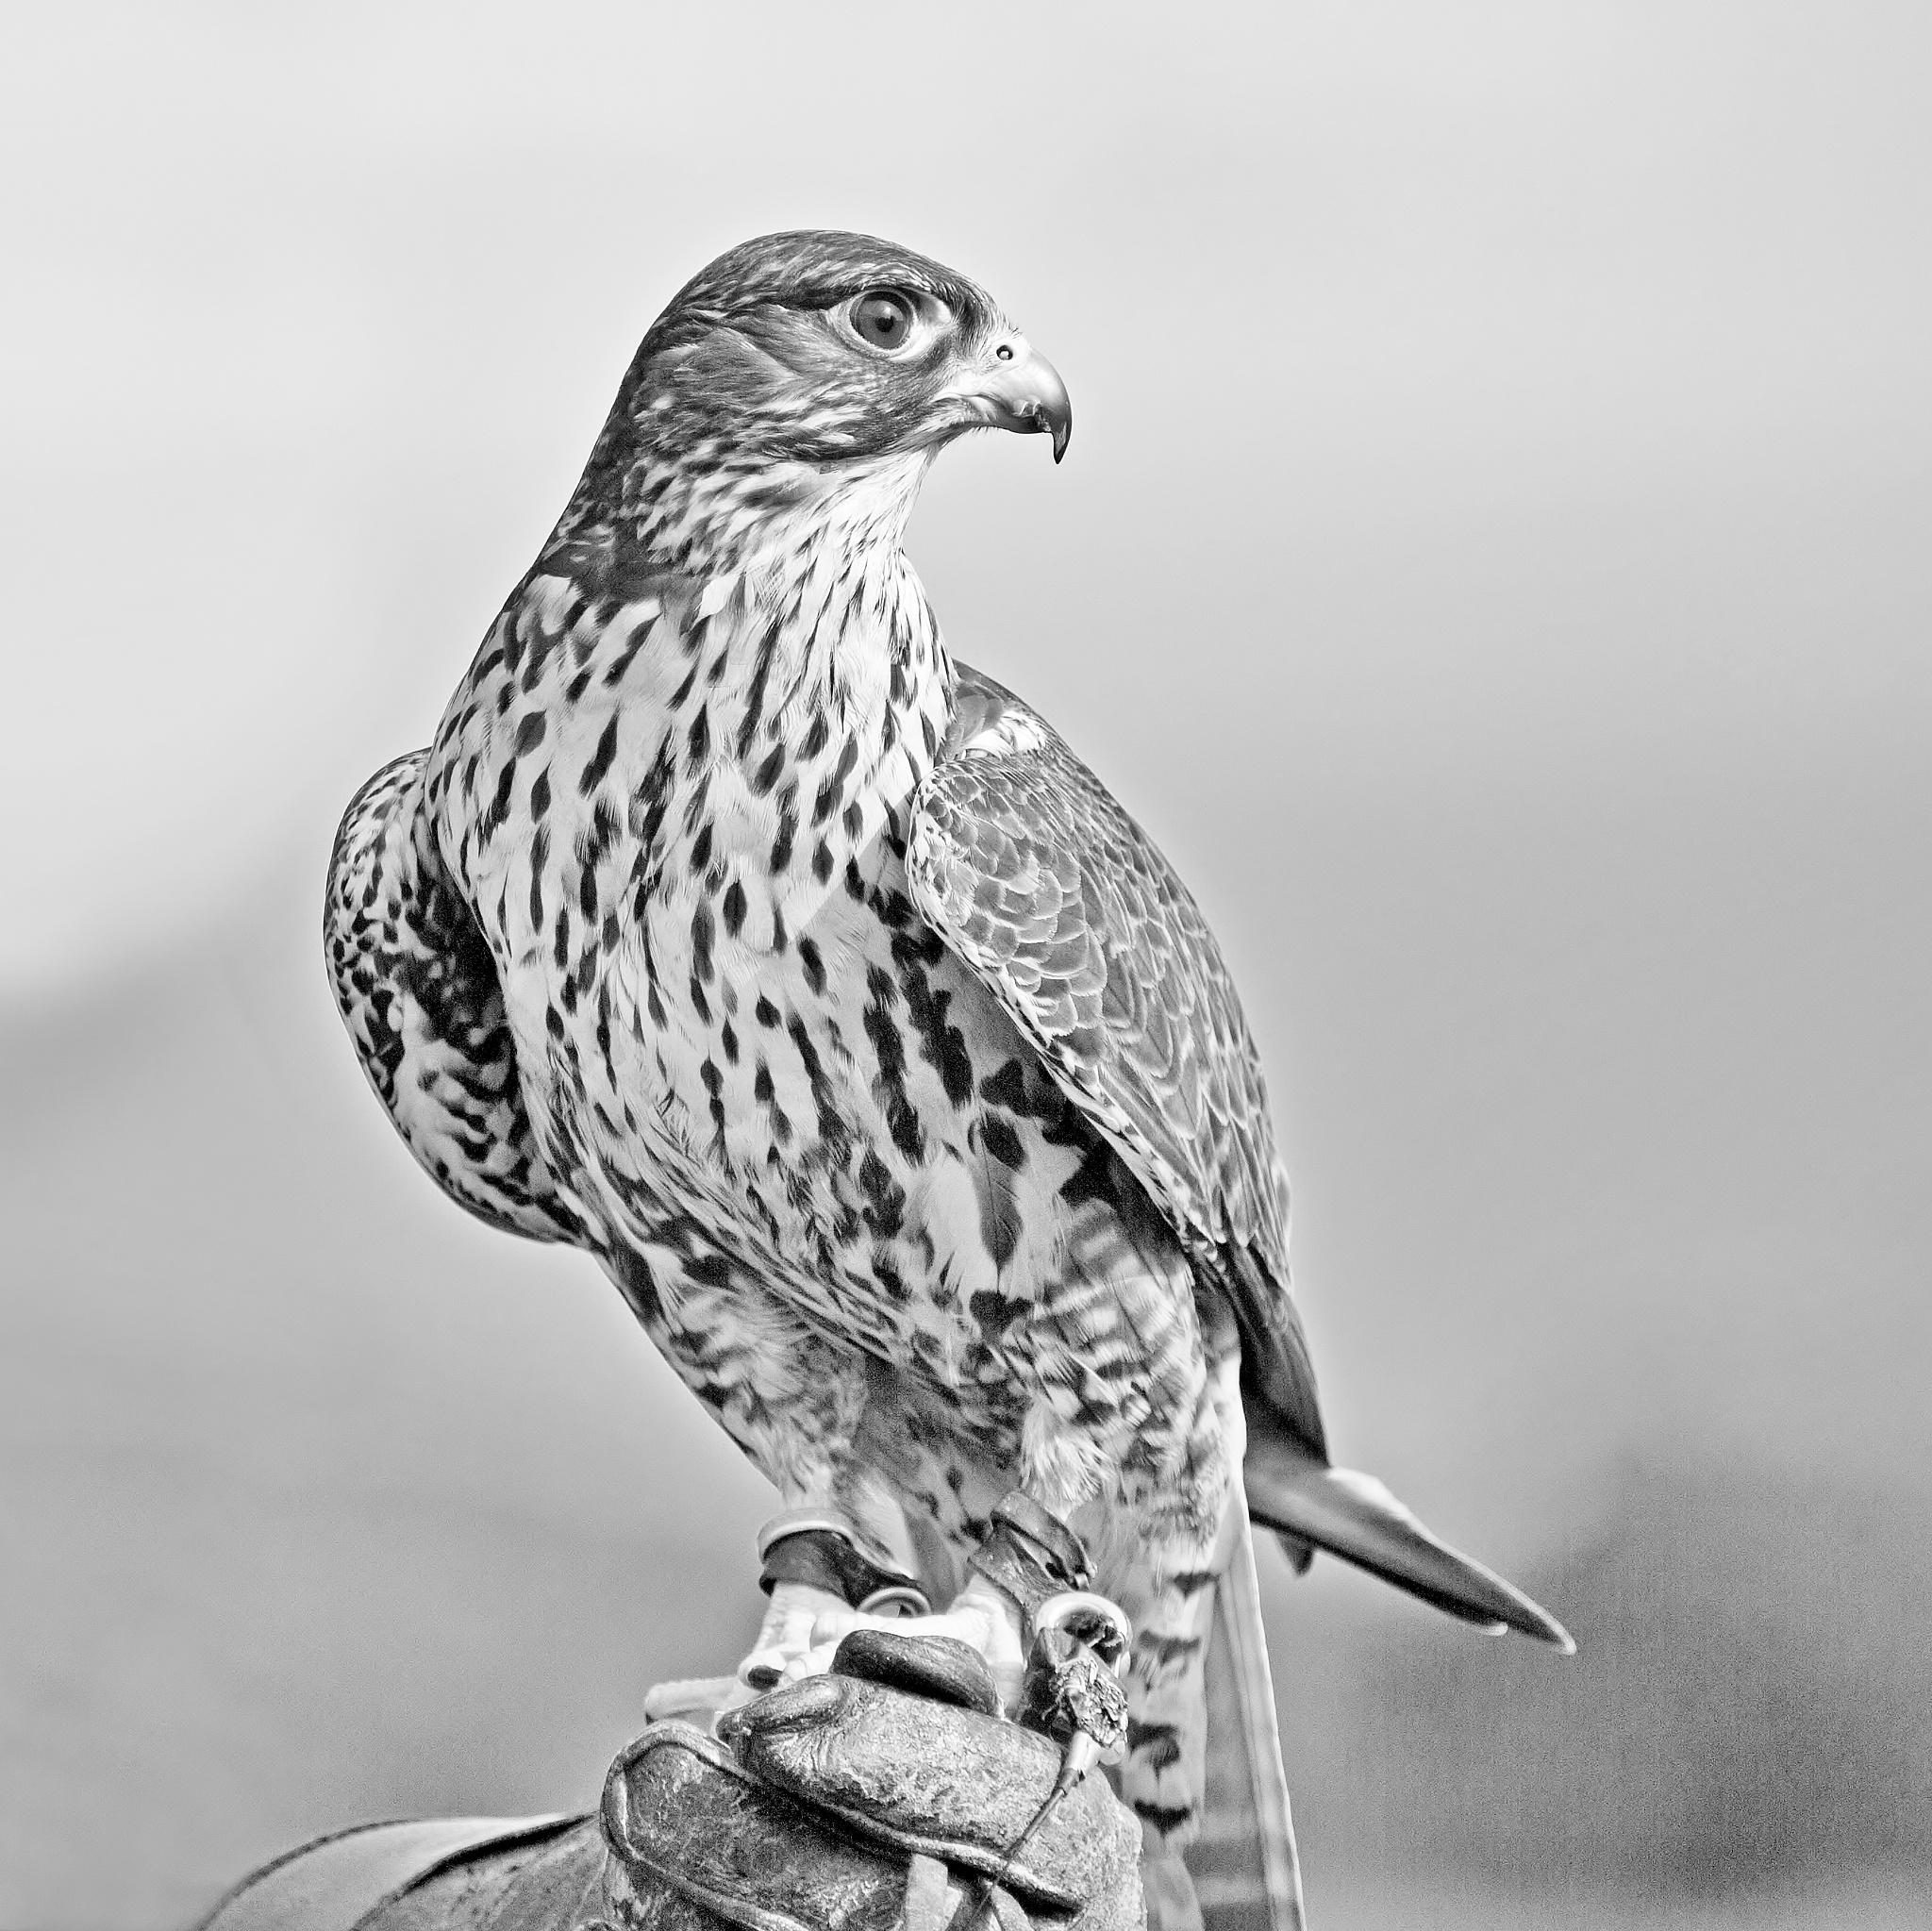 Peregrine Falcon - Monochrome by paul.hosker